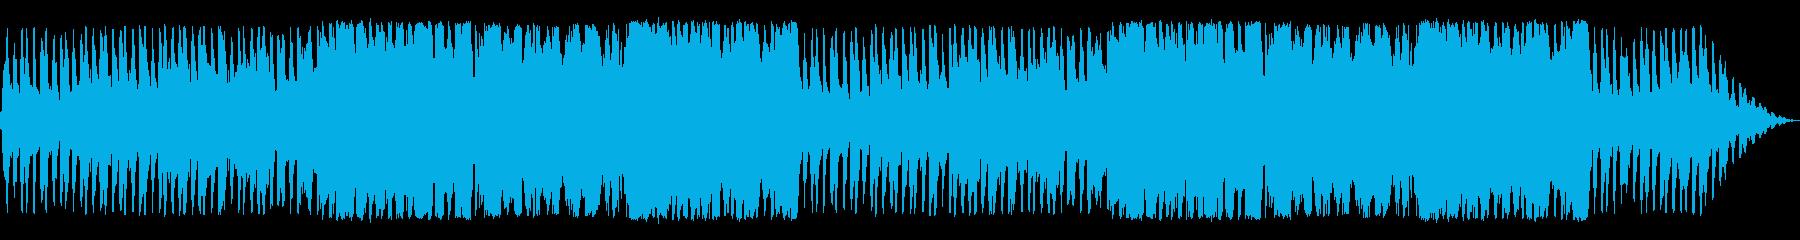 シミュレーションRPGのブリーフィング曲の再生済みの波形